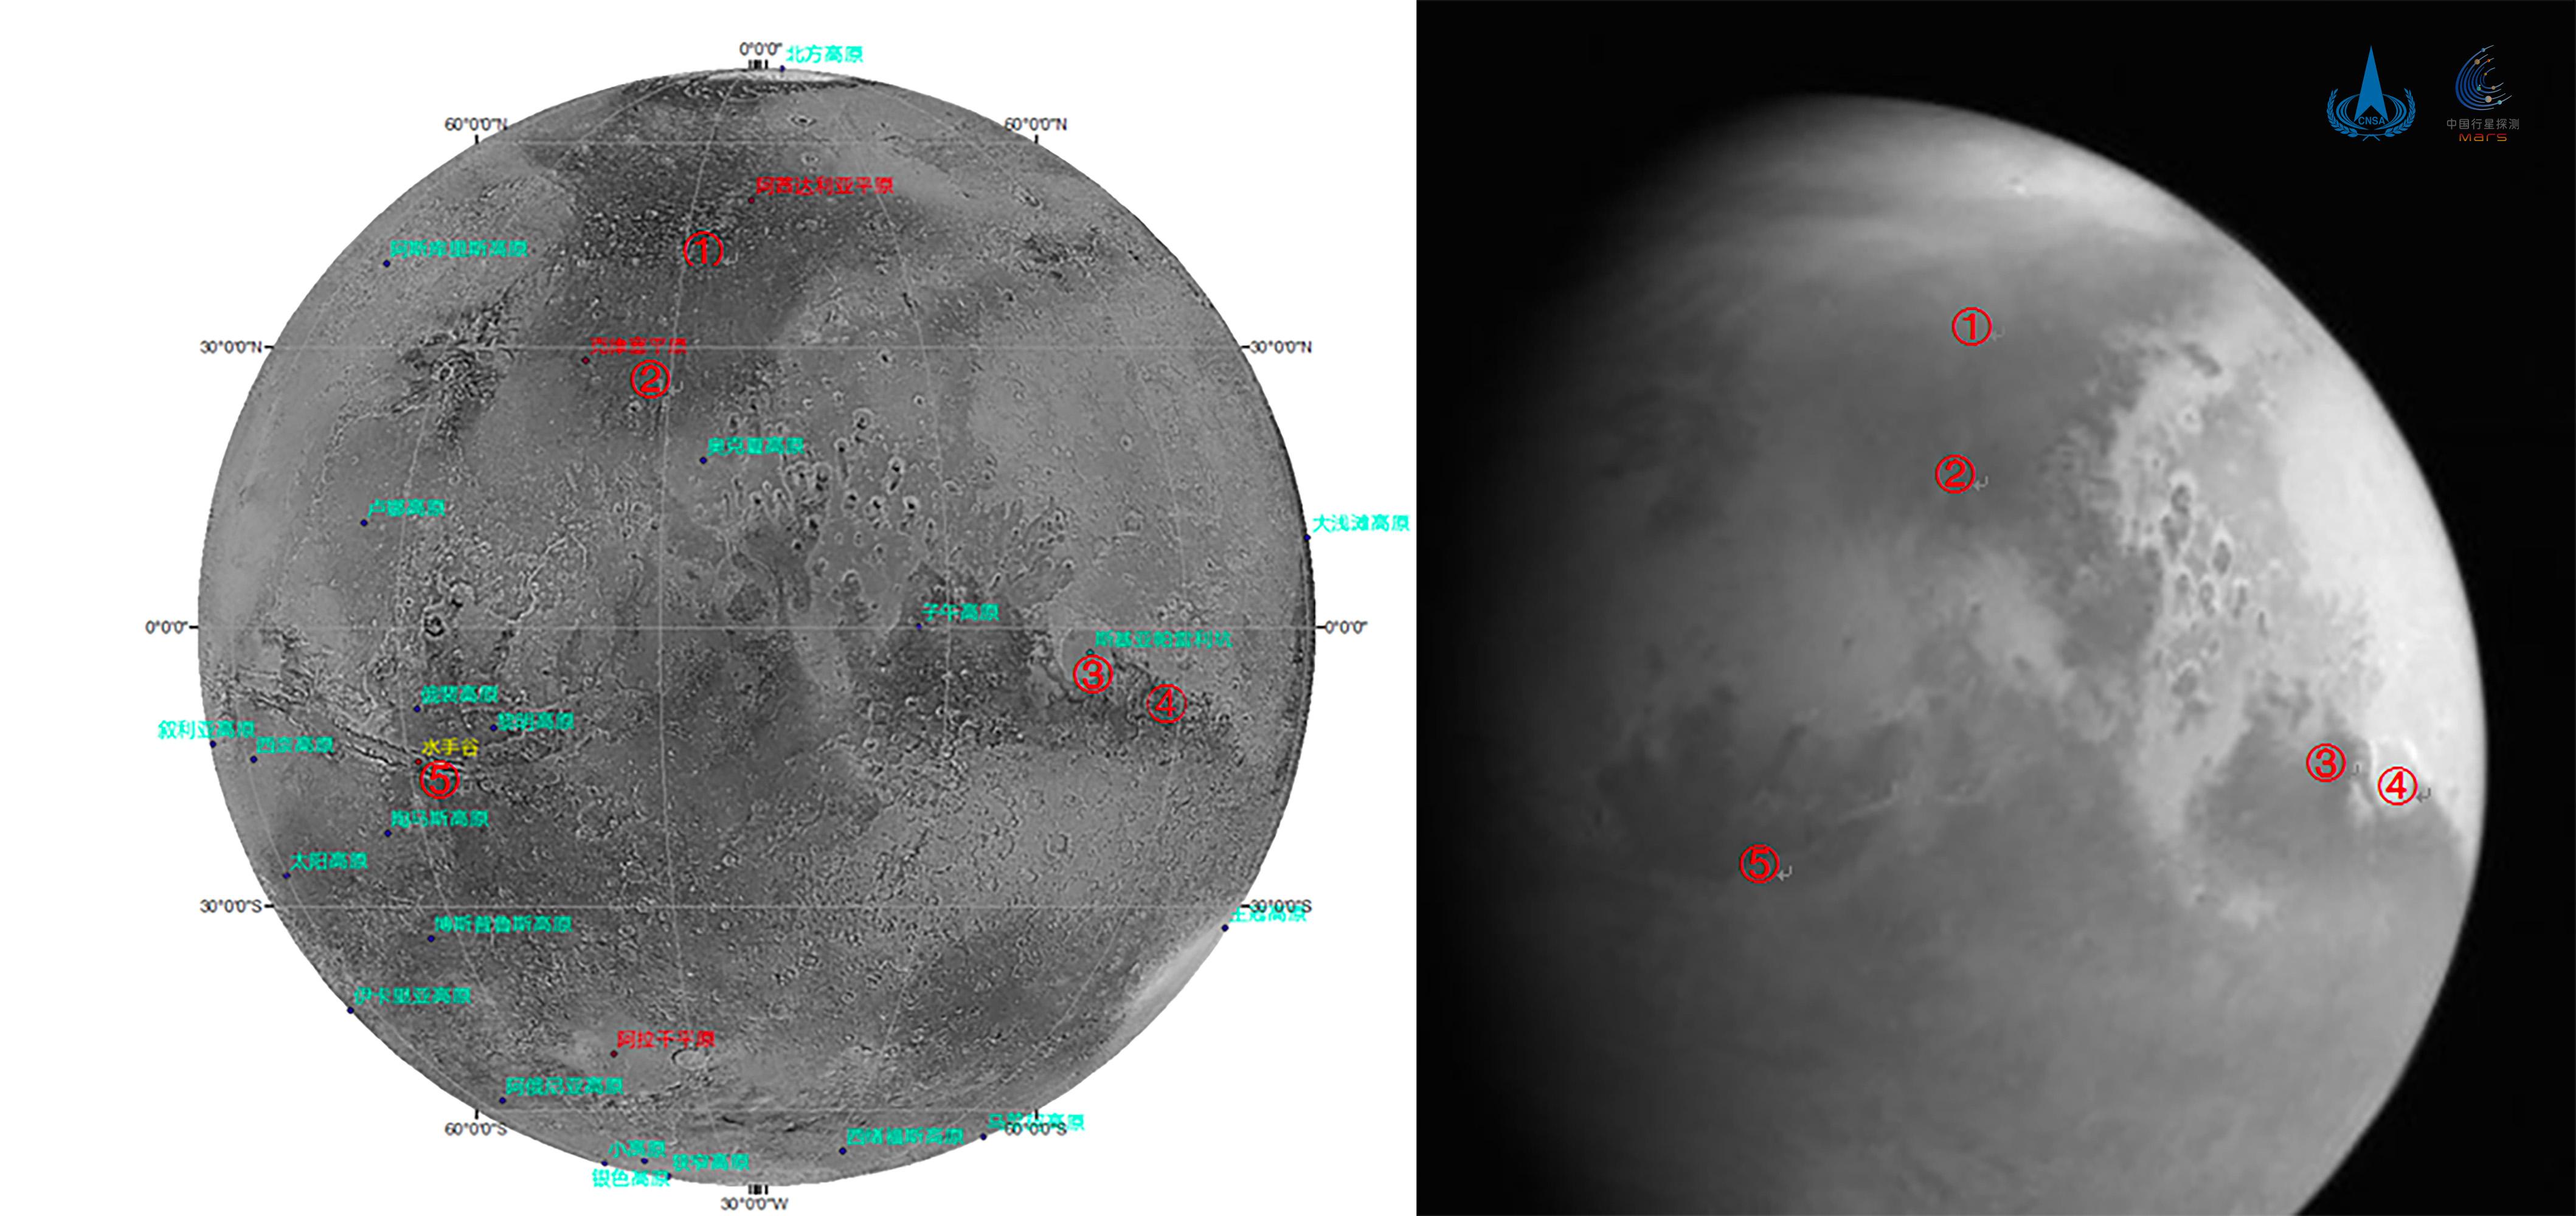 Une image supplémentaire indiquant les caractéristiques notables de l'image Tianwen-1 de Mars.